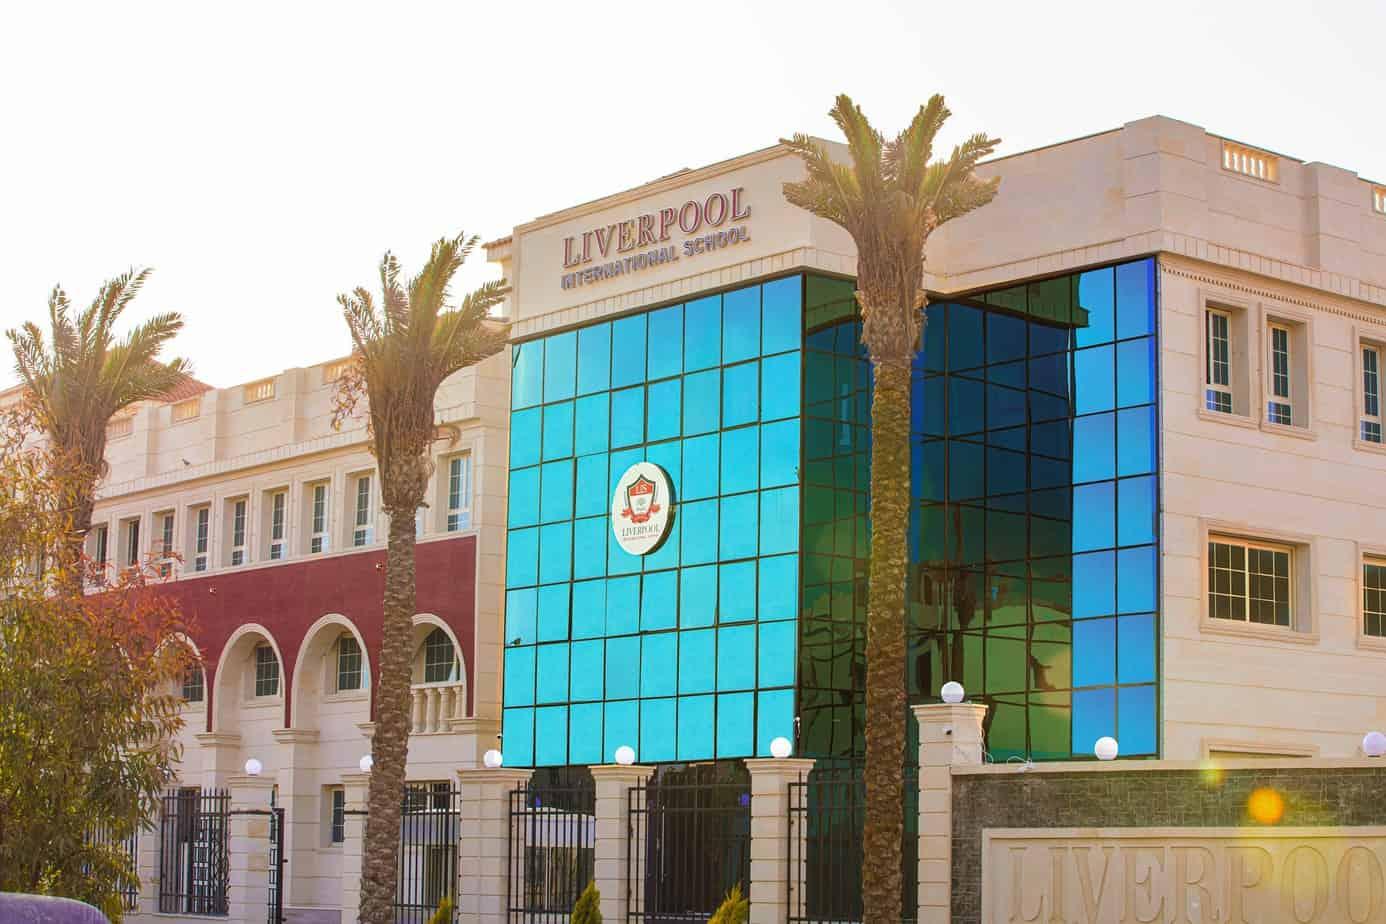 مدرسة ليفربول الدولية - Liverpool International School - LIS